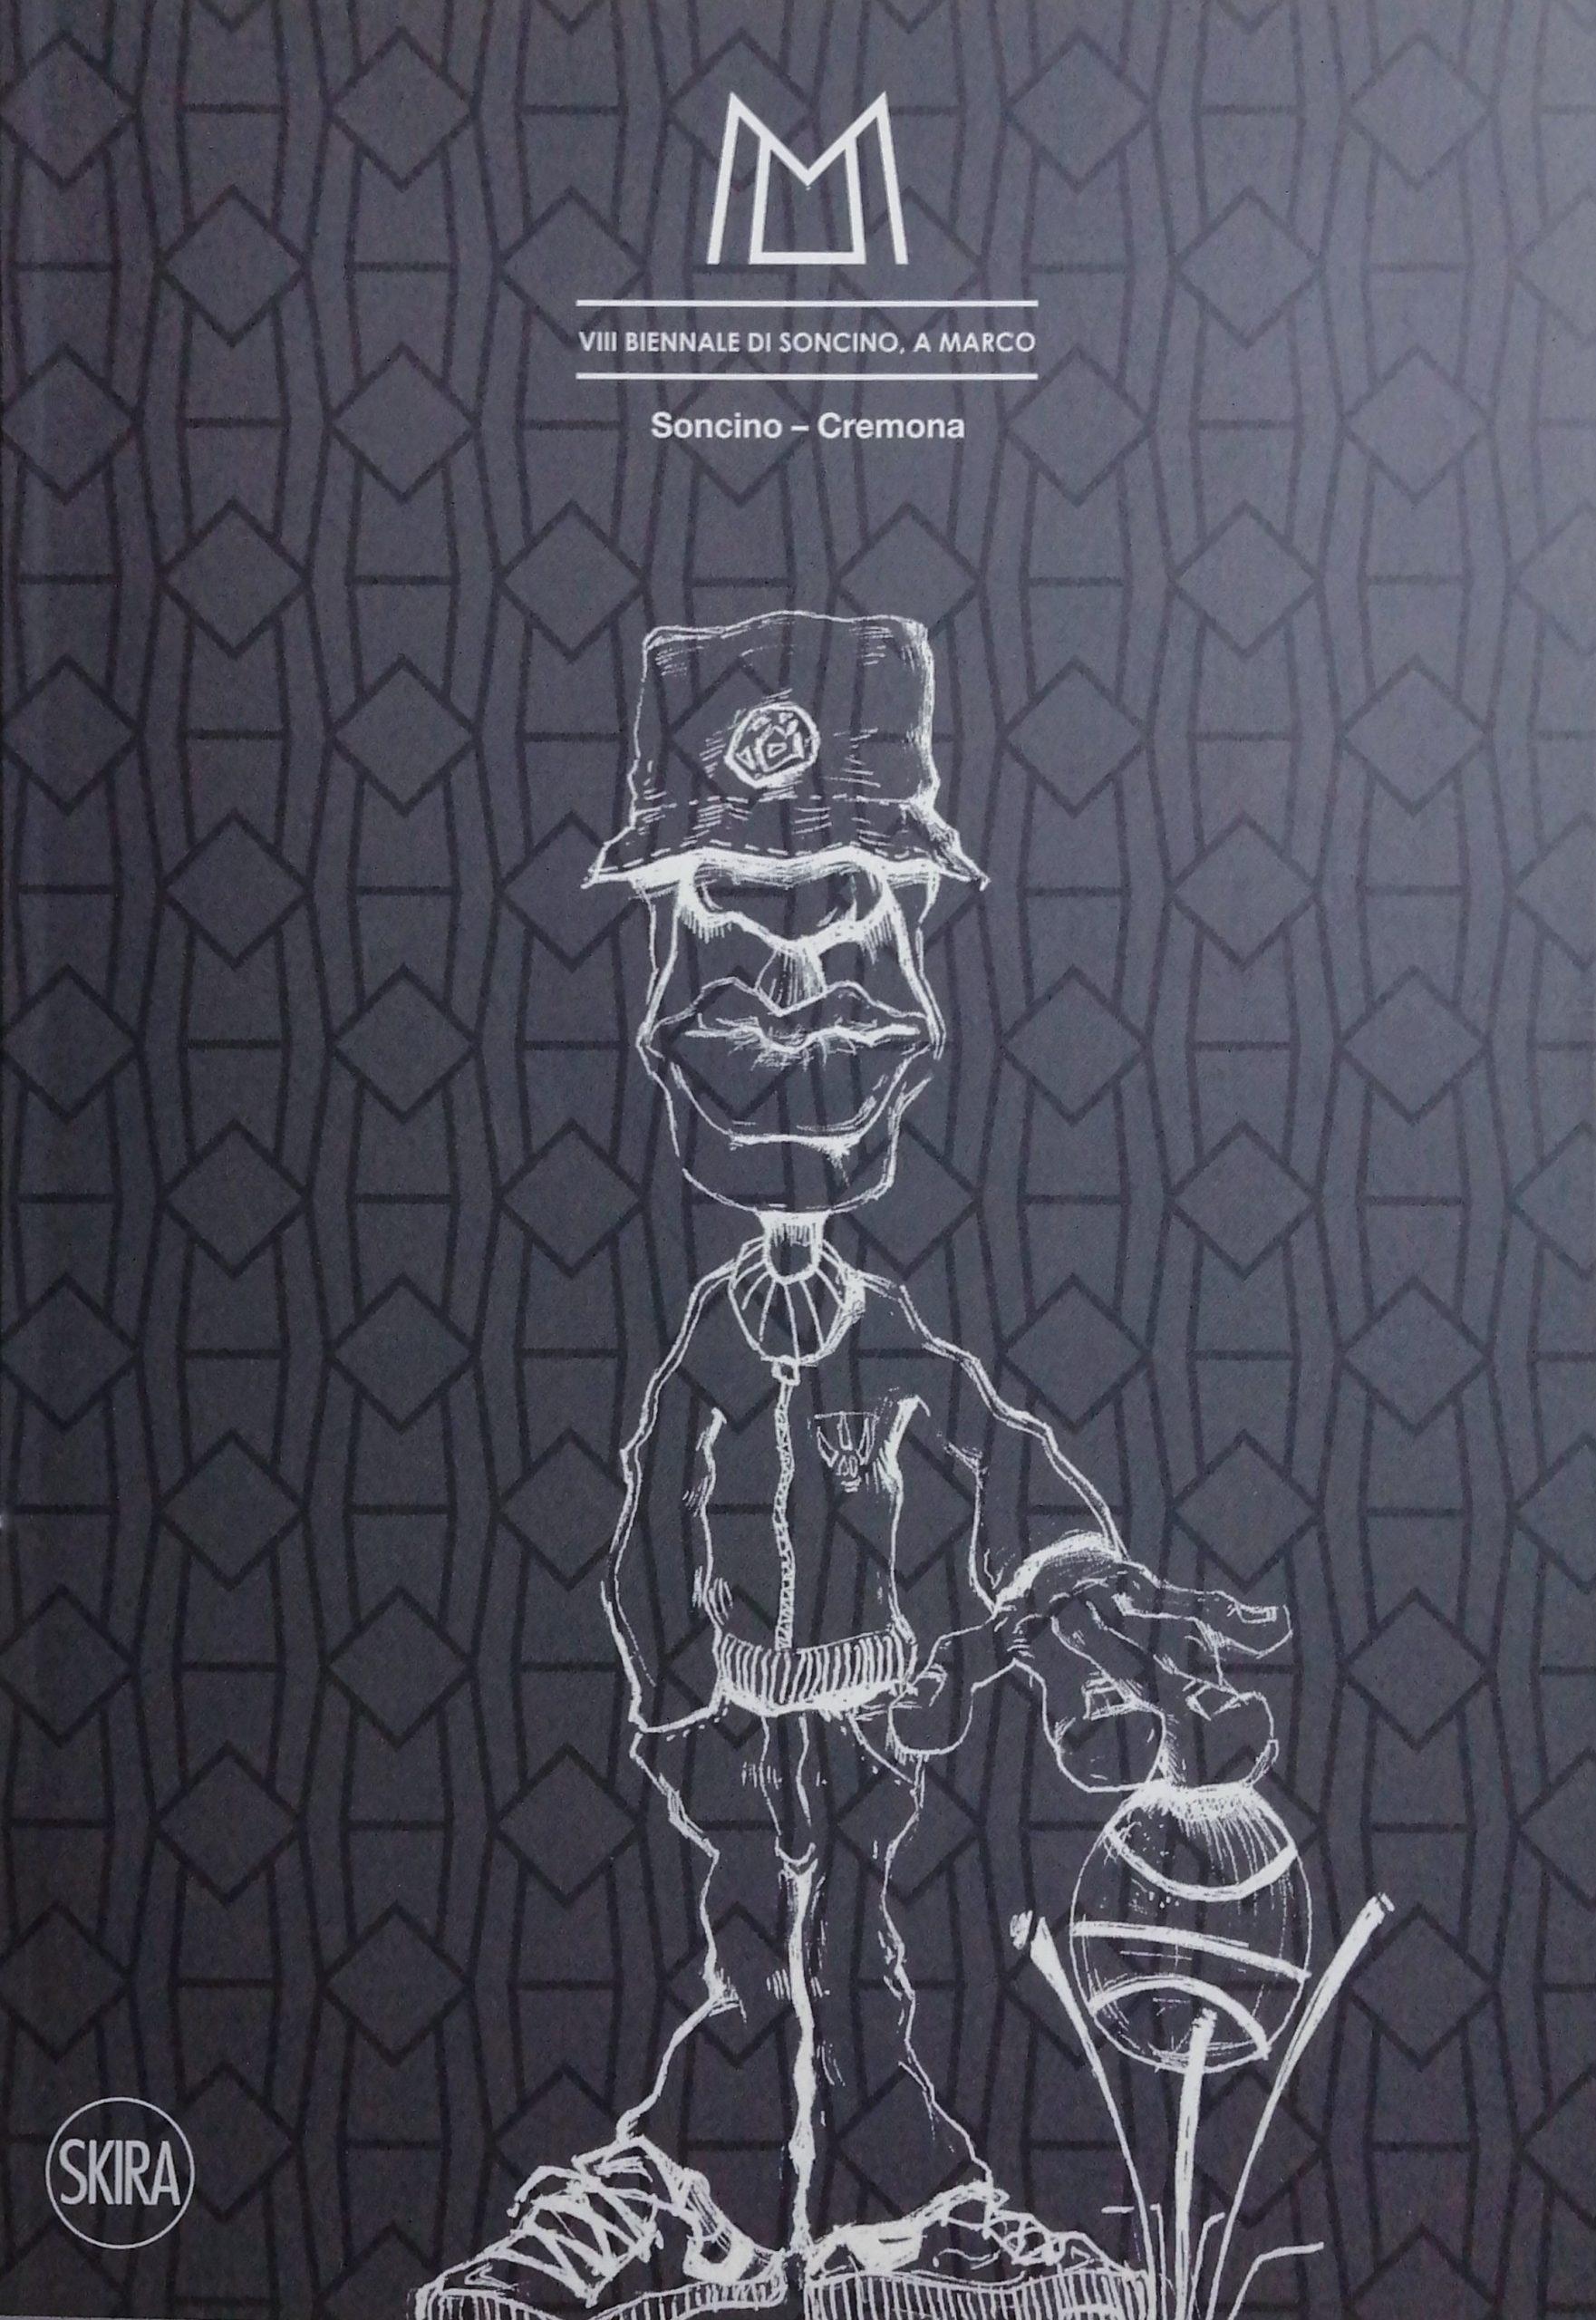 2015 VIII Biennale di Soncino Castello di Soncino scaled - Bibliography/ Catalogues